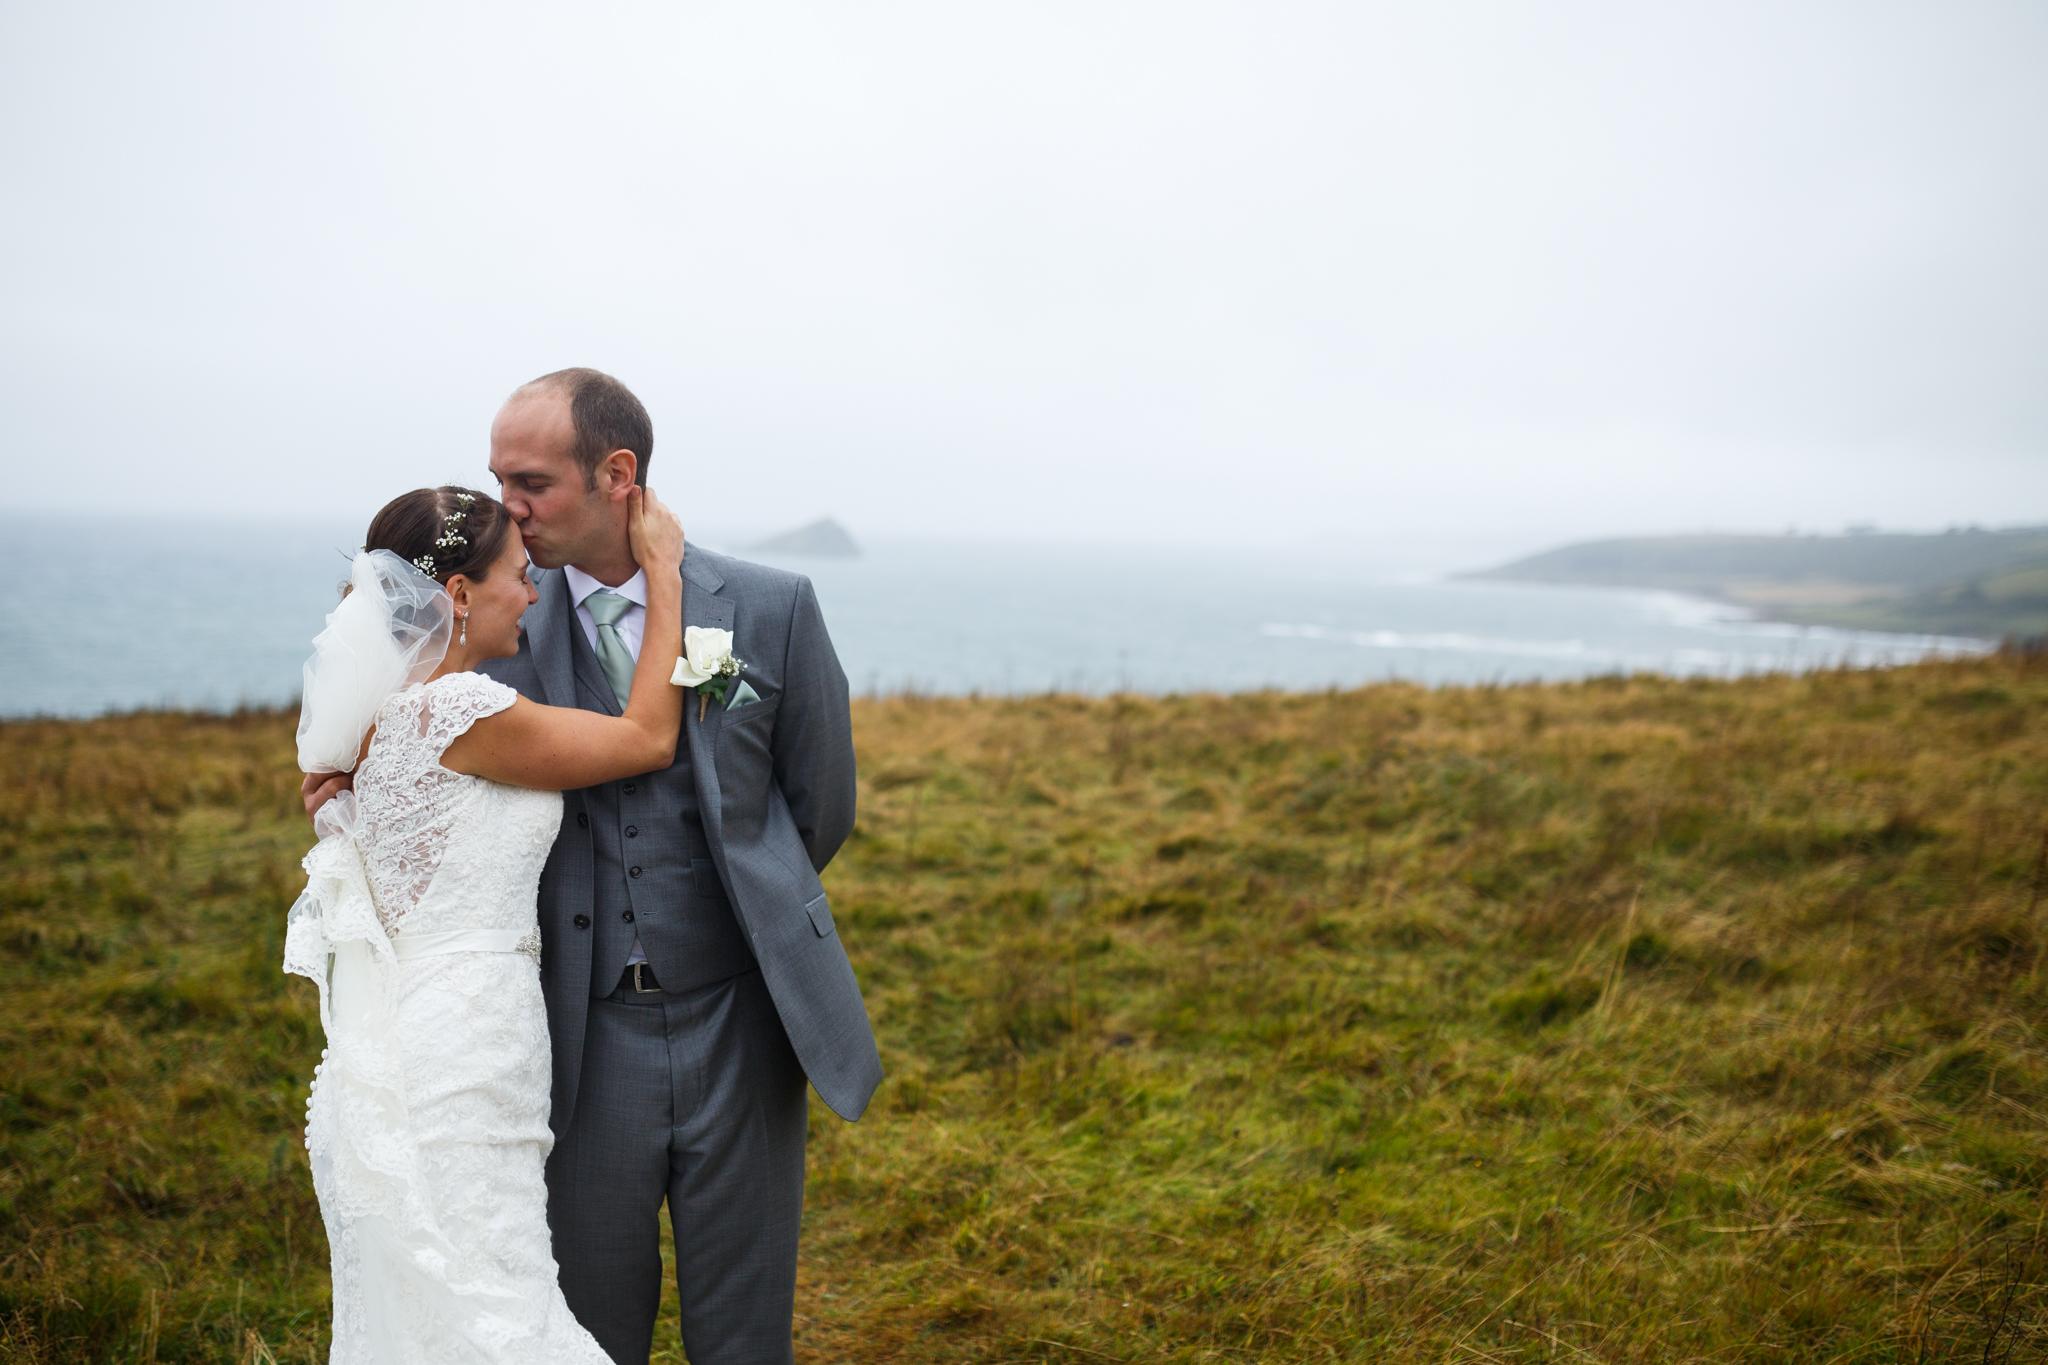 Simon_Rawling_Wedding_Photography-187.jpg